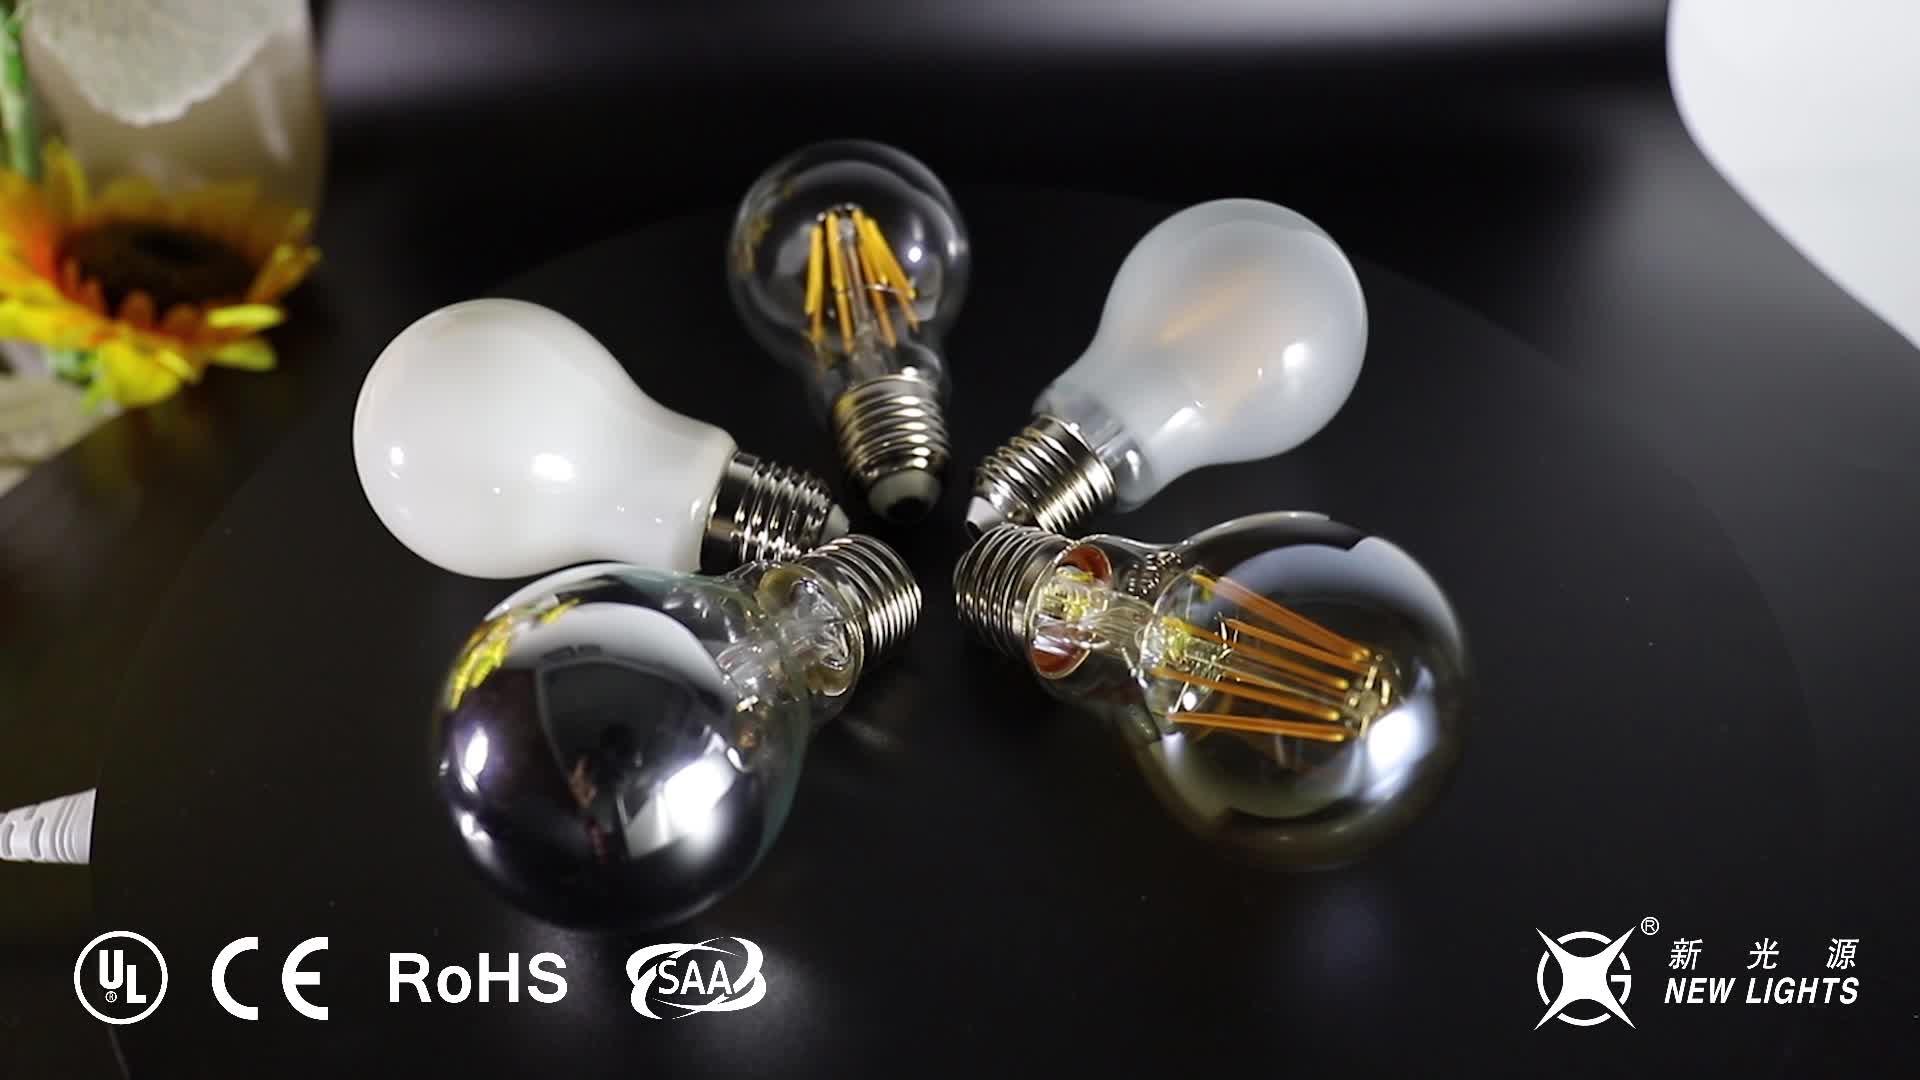 Bombilla regulable 2 W 4 W 6 W 8 W lámpara E27 A60 LED lámpara de filamento